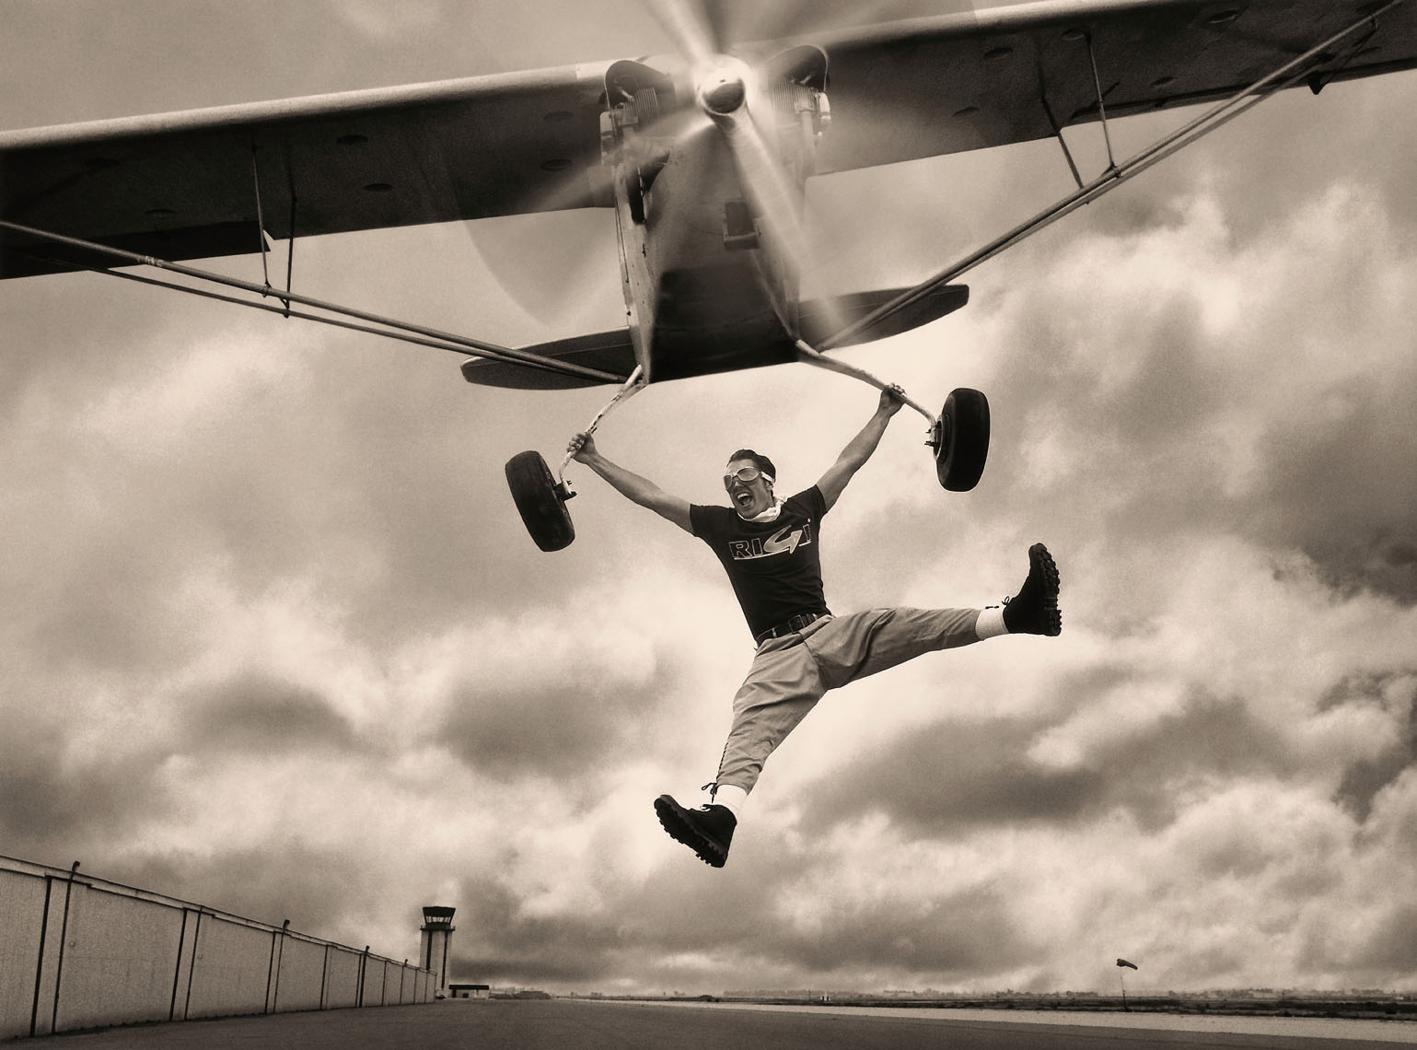 Картинки с днем рождения мужчине летчику, любимой девушке